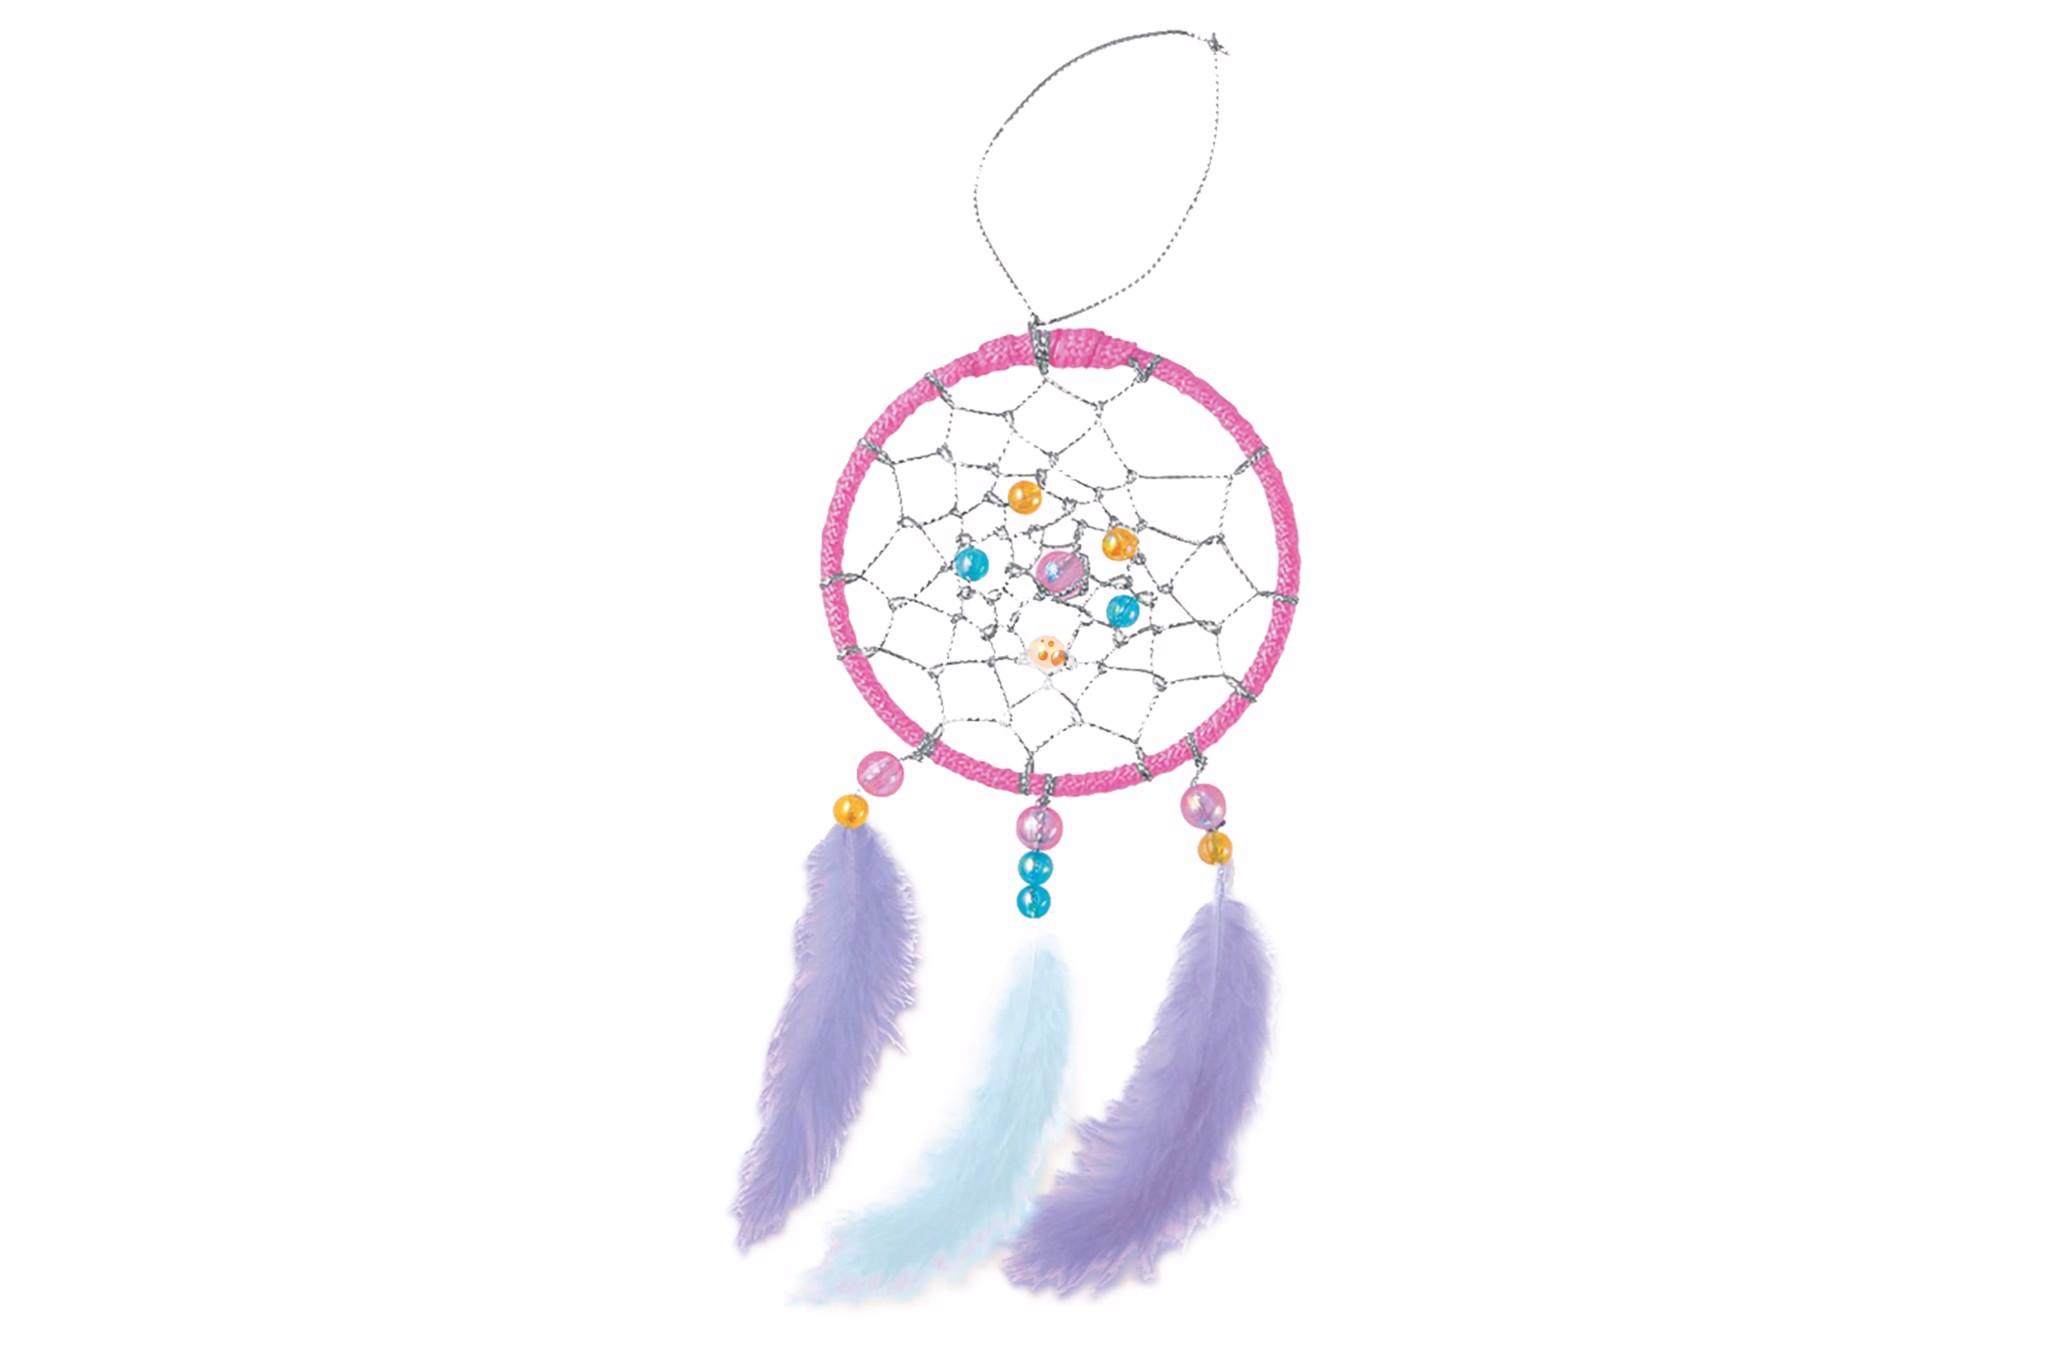 Tự làm Dreamcatcher - Đồ chơi DIY